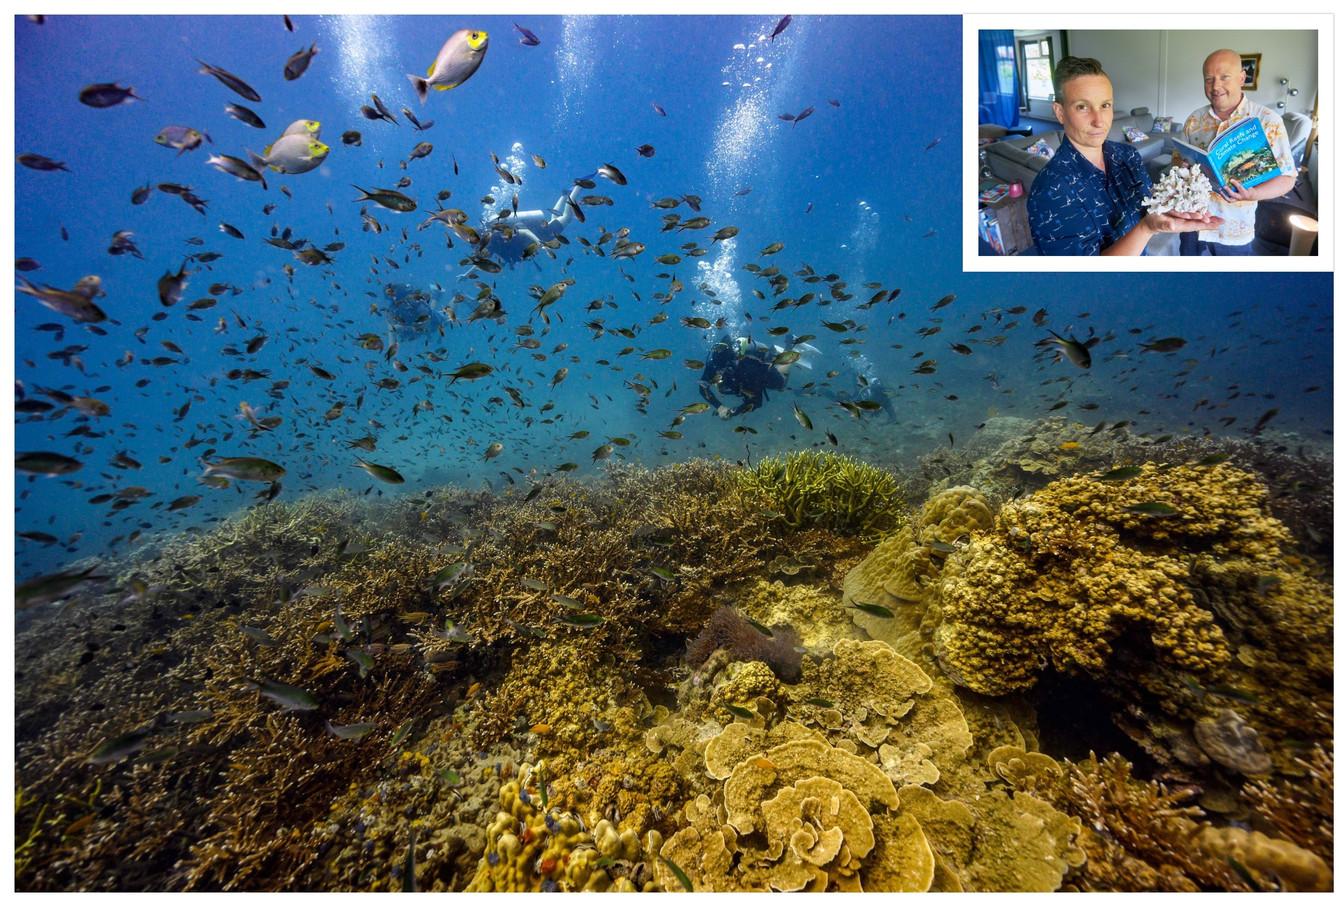 Het koraal nabij Koh Tao. (foto Lilian Suwanrumpha/AFP). Inzet: Frank en Vera (foto Jeroen Appels/Van Assendelft).